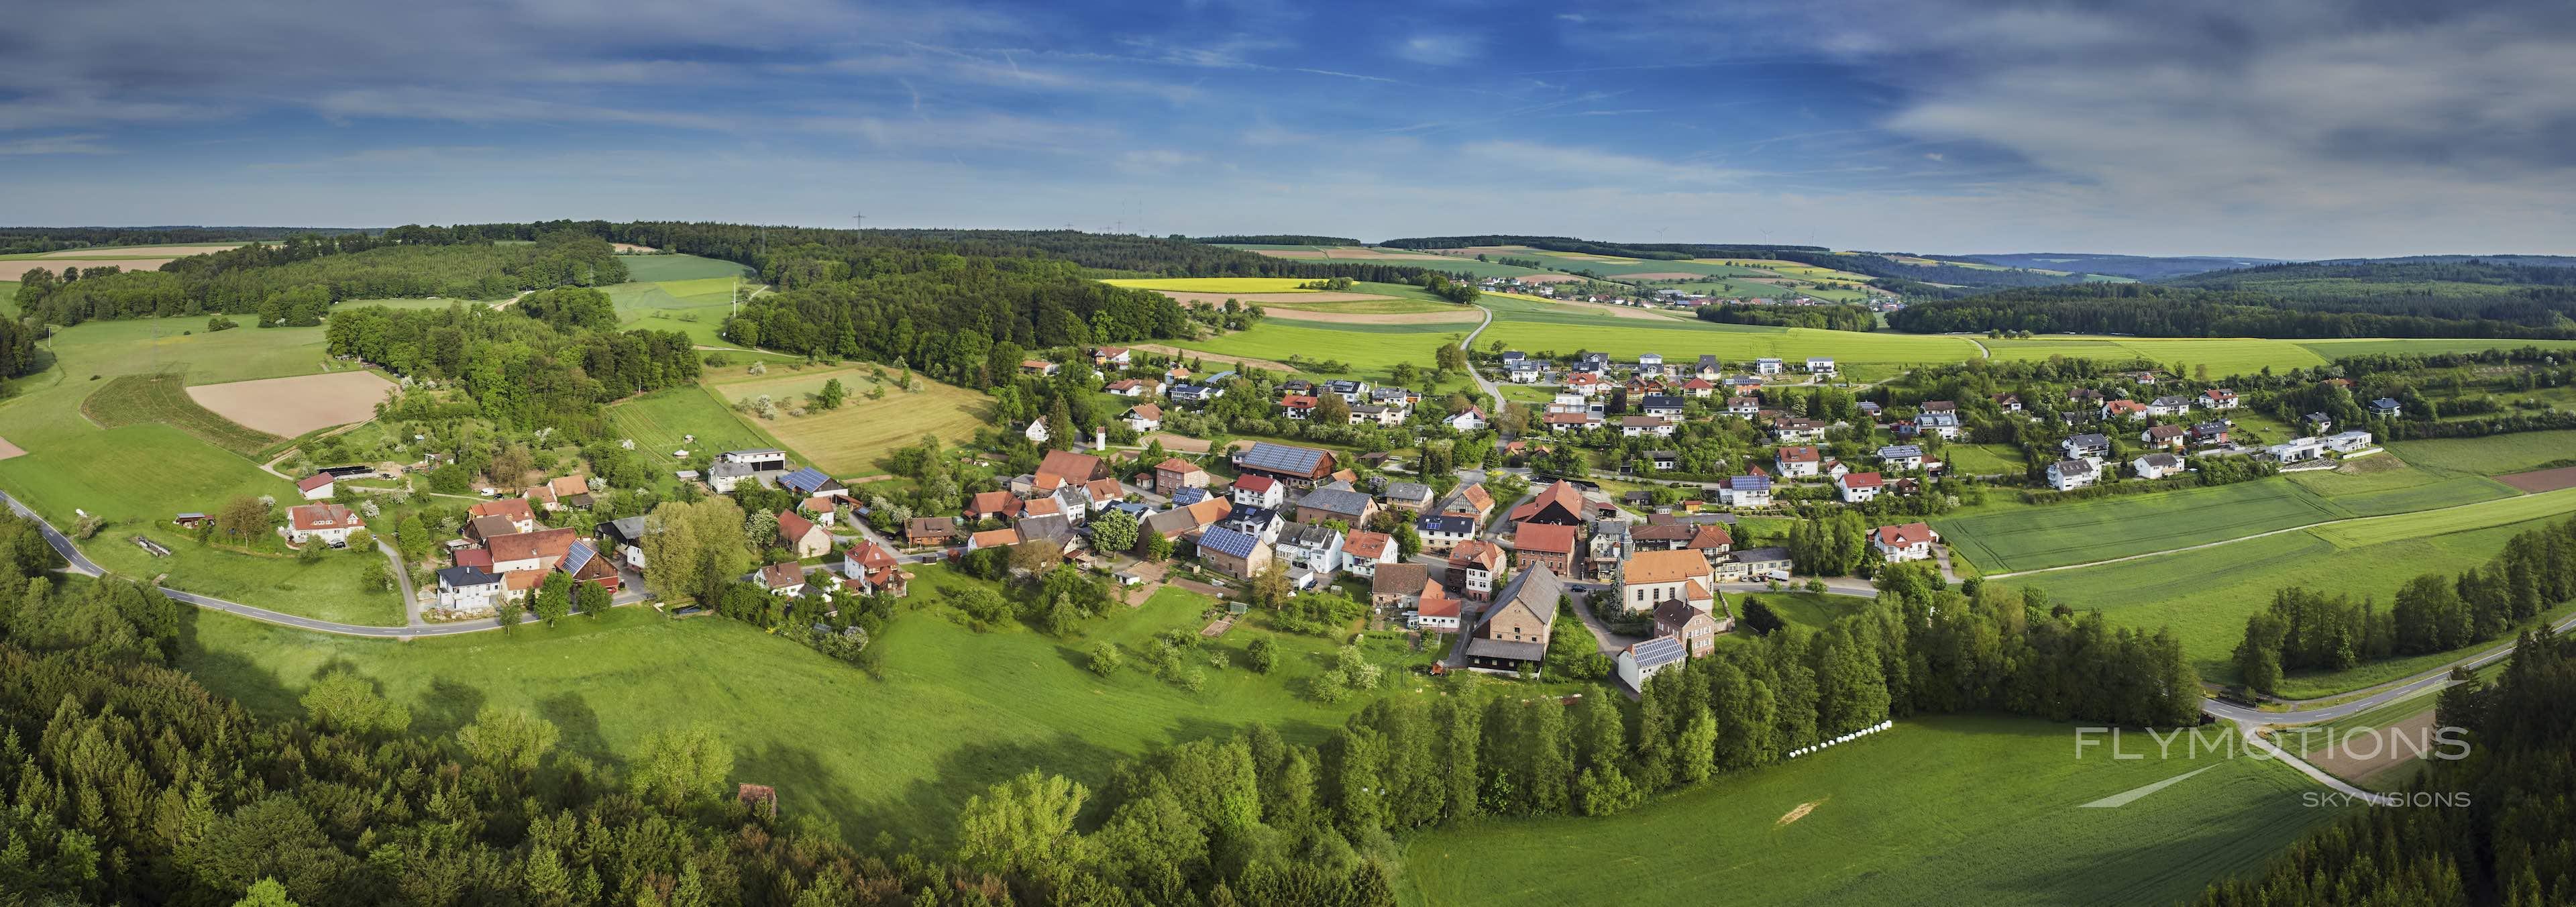 Buchen-Hollerbach im Odenwald, Panorama Luftbild